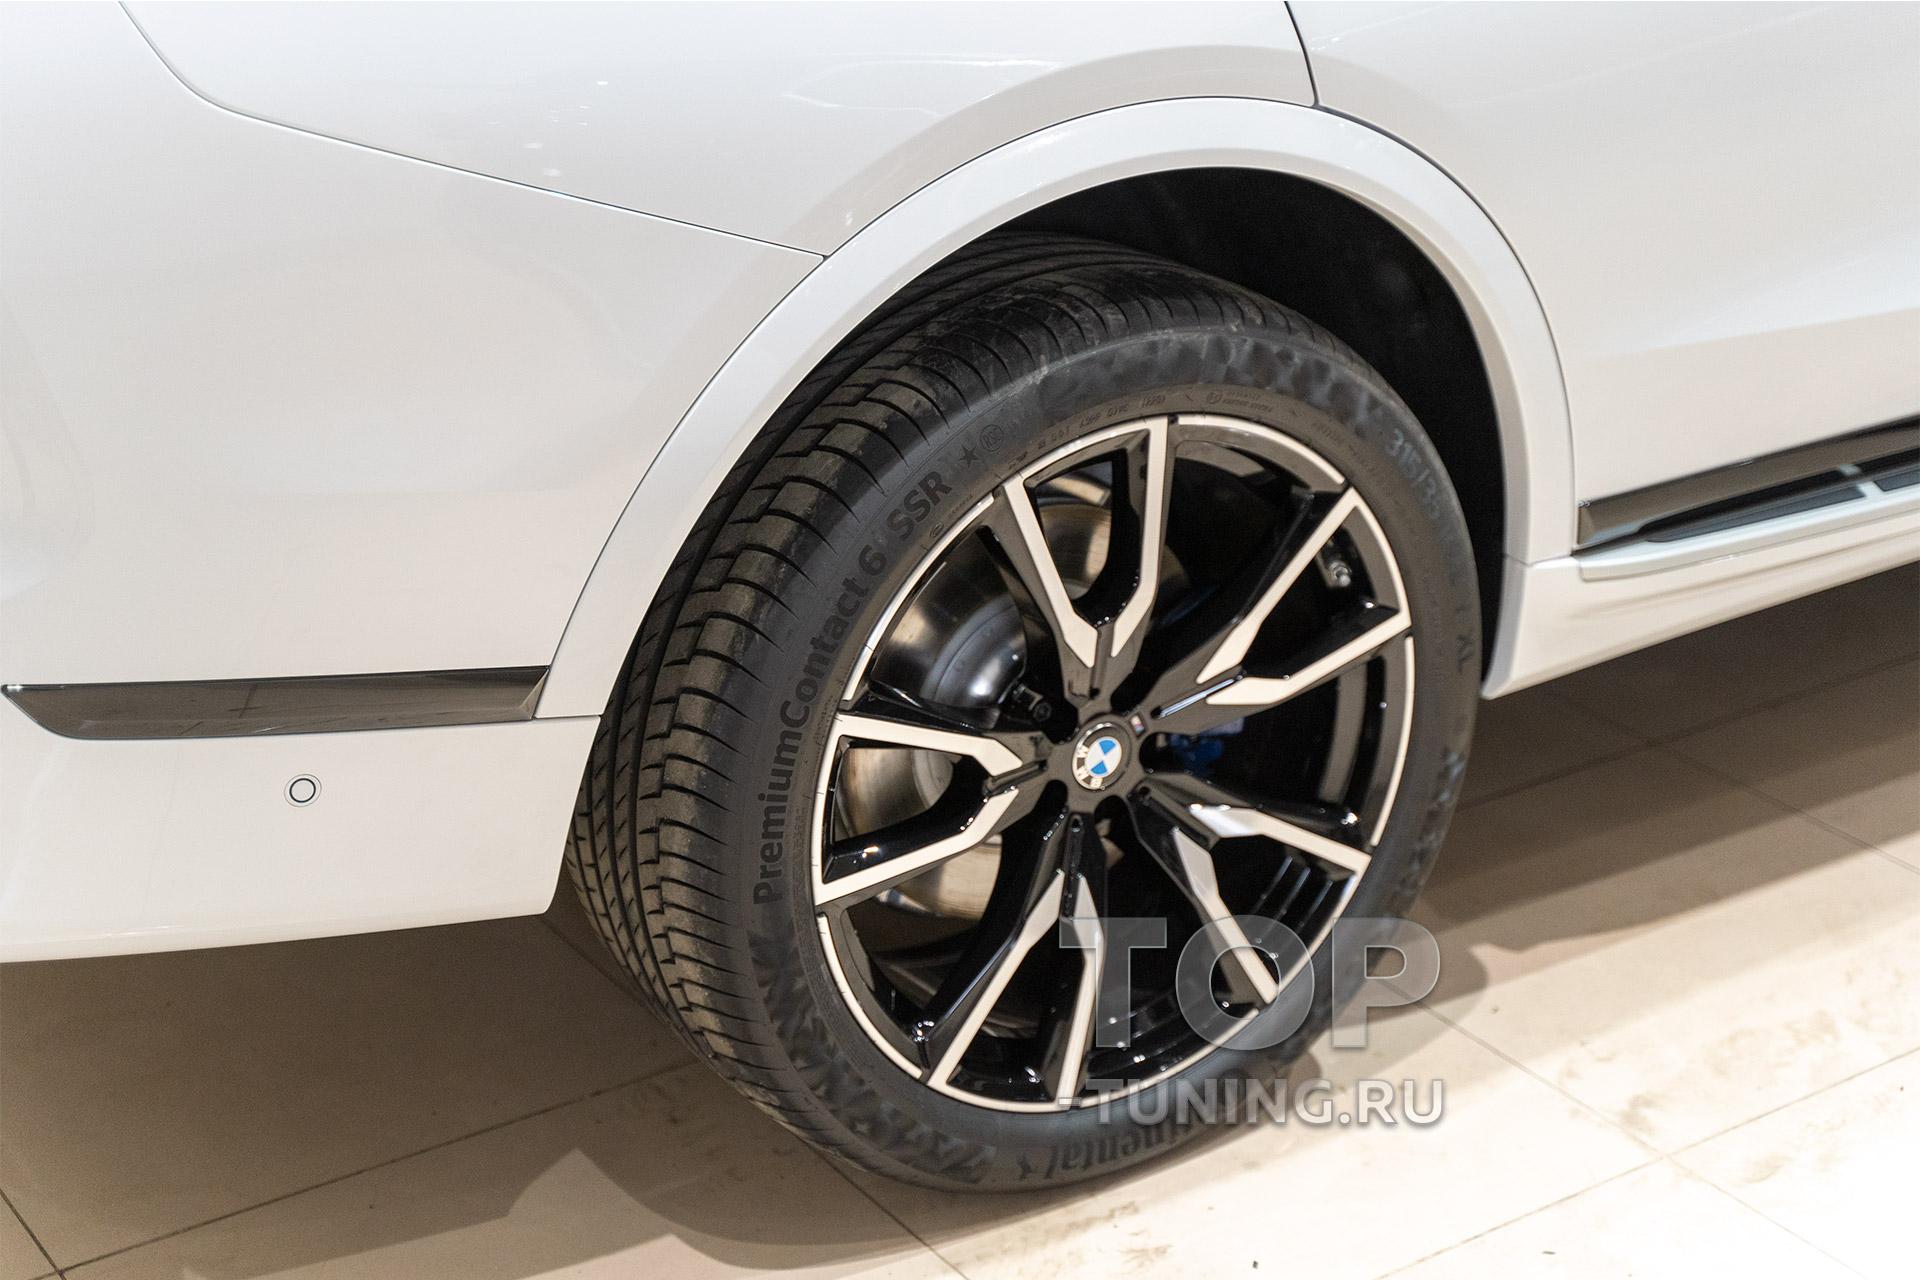 105689 BMW X7 - Пленка, керамика кузова и салона